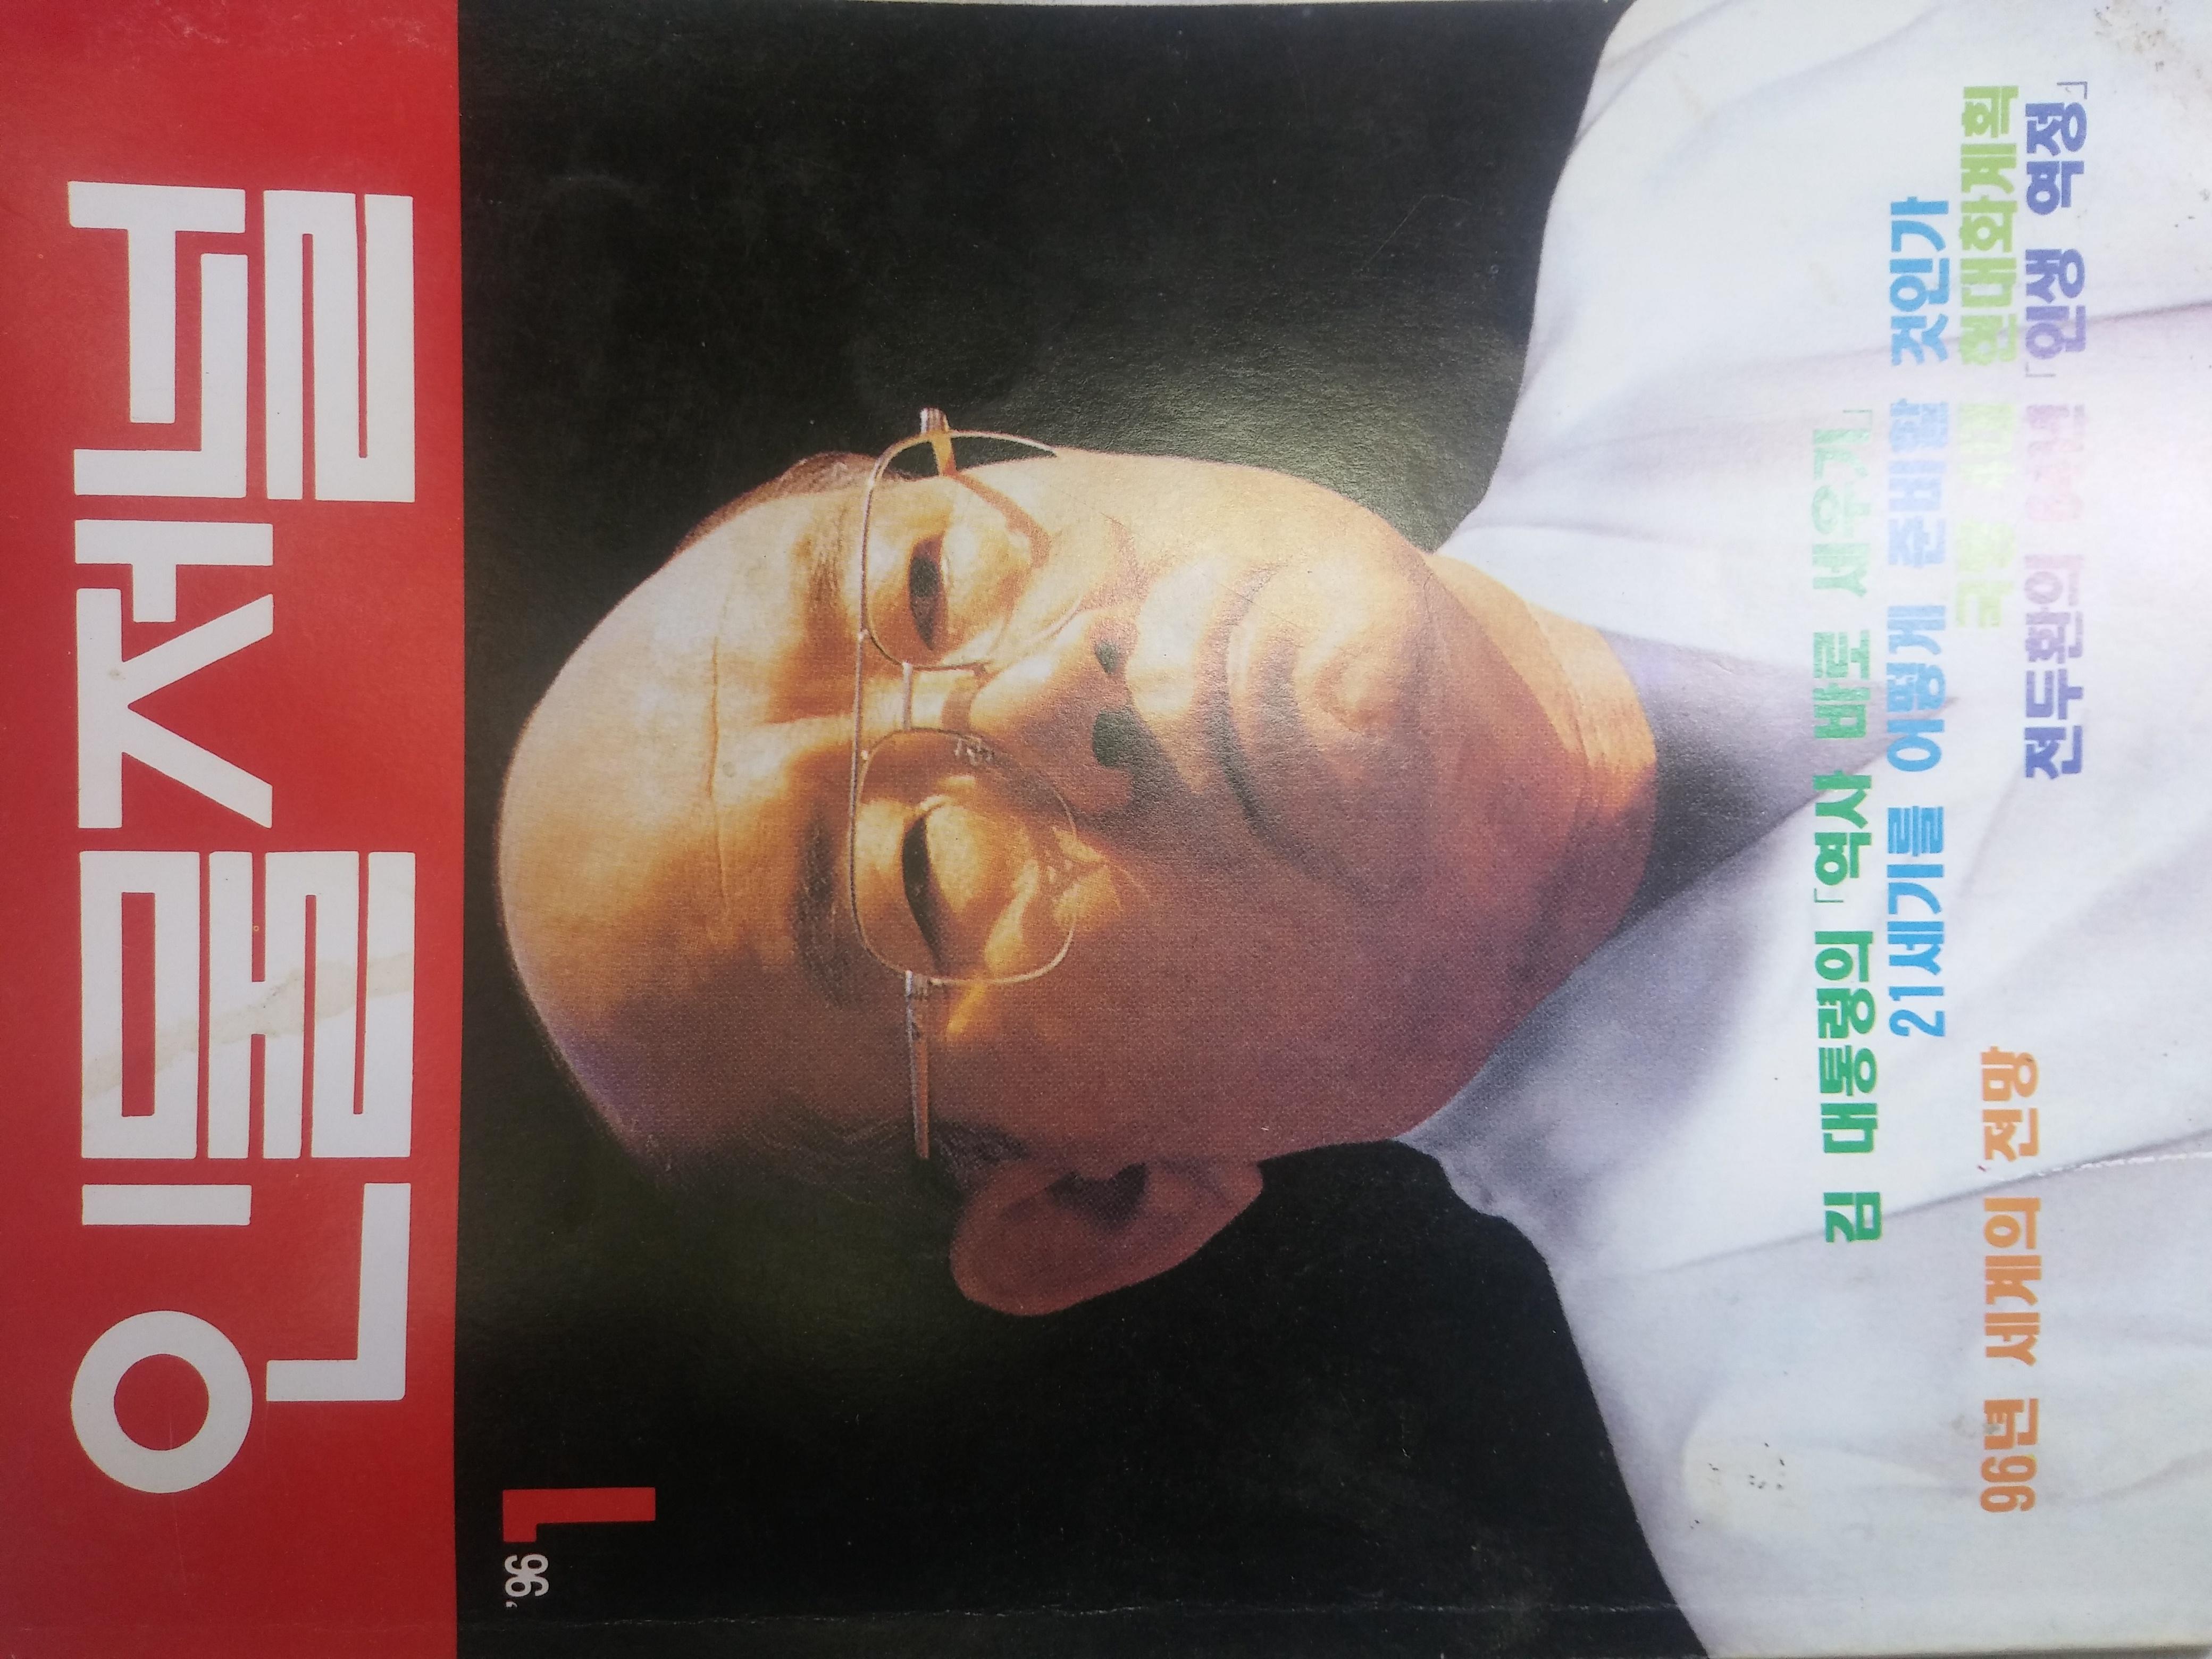 """인물문제연구소 인물저널 96년 1월 인물조각에 있어 독보적인 존재로 알려진 """"장용호의 고독한 작업"""""""